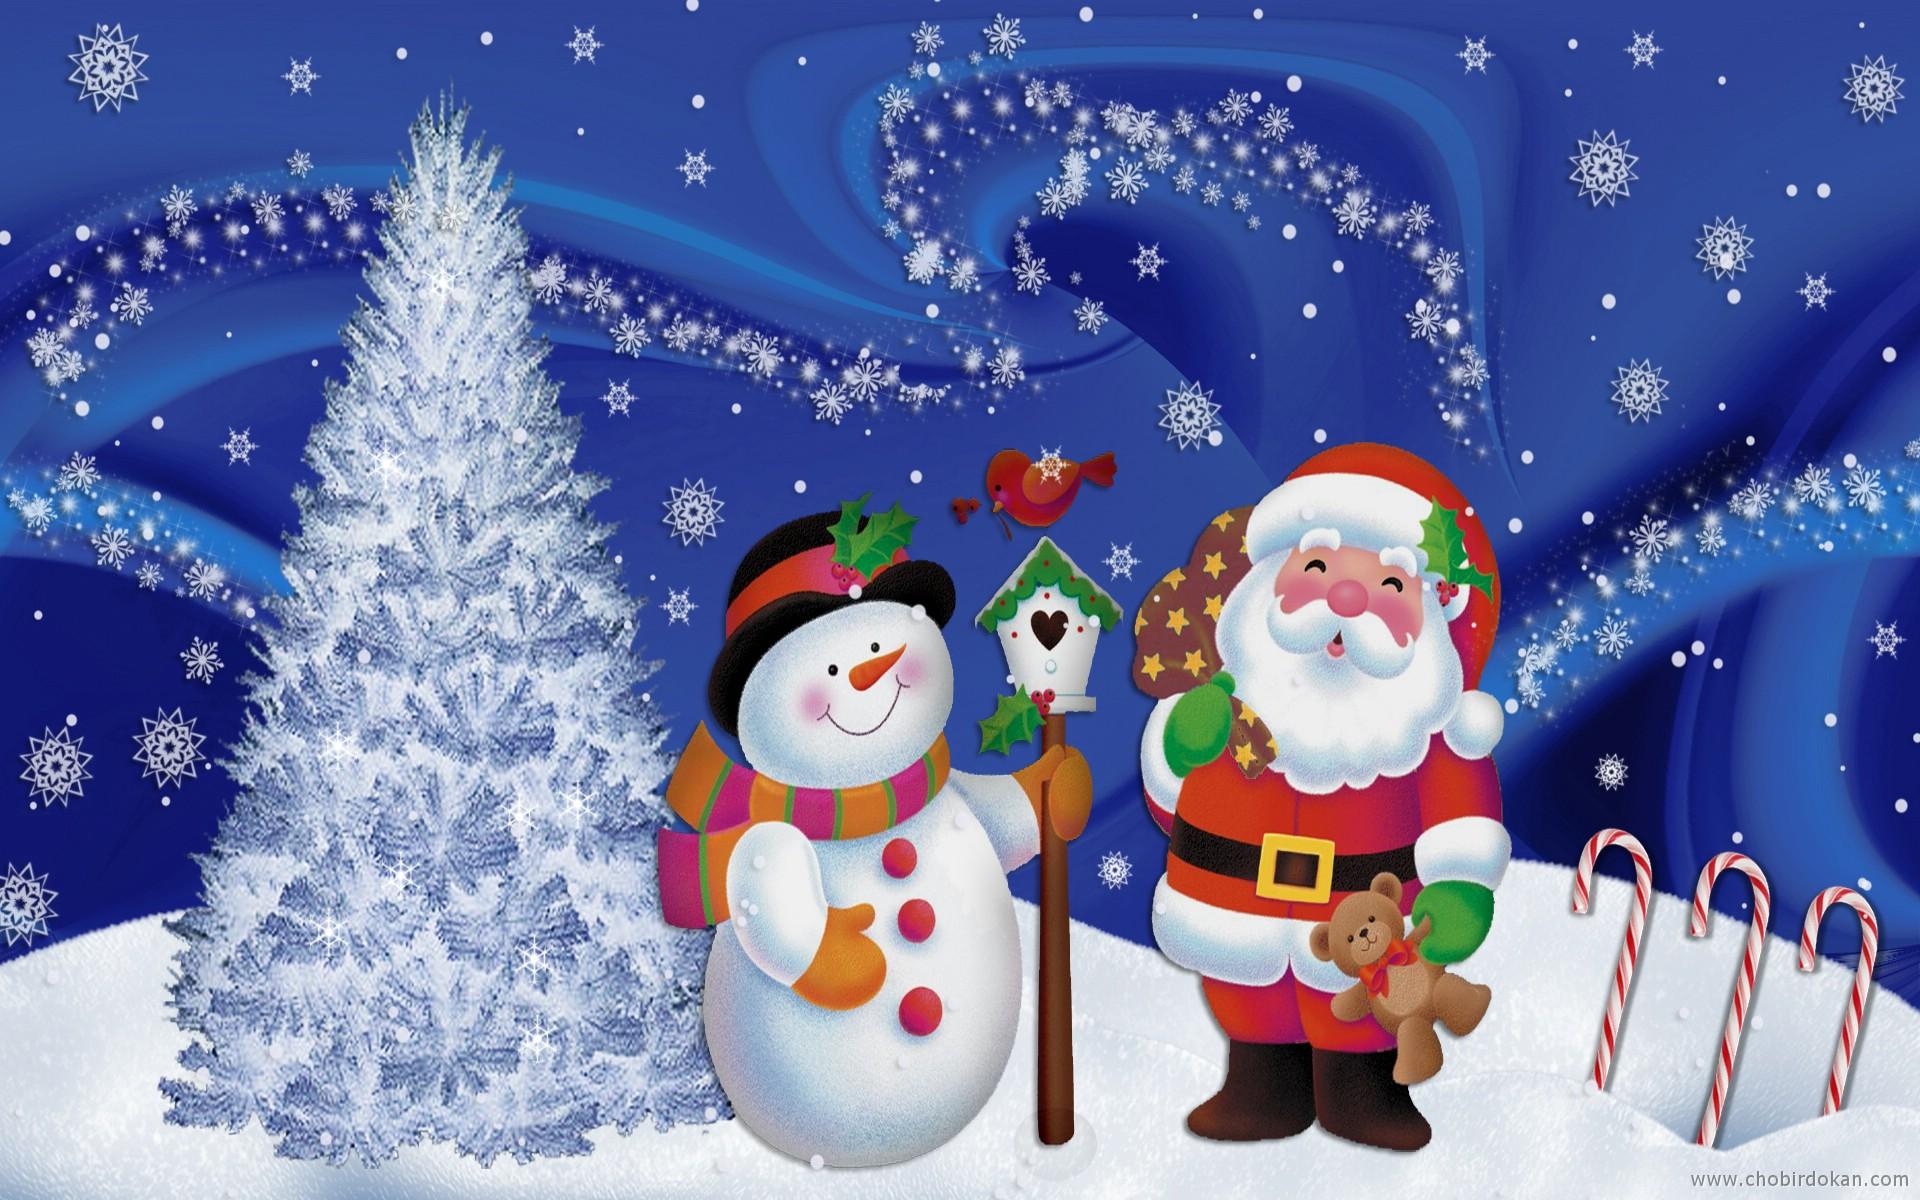 merry-christmas-christmas-32789995-1920-1200